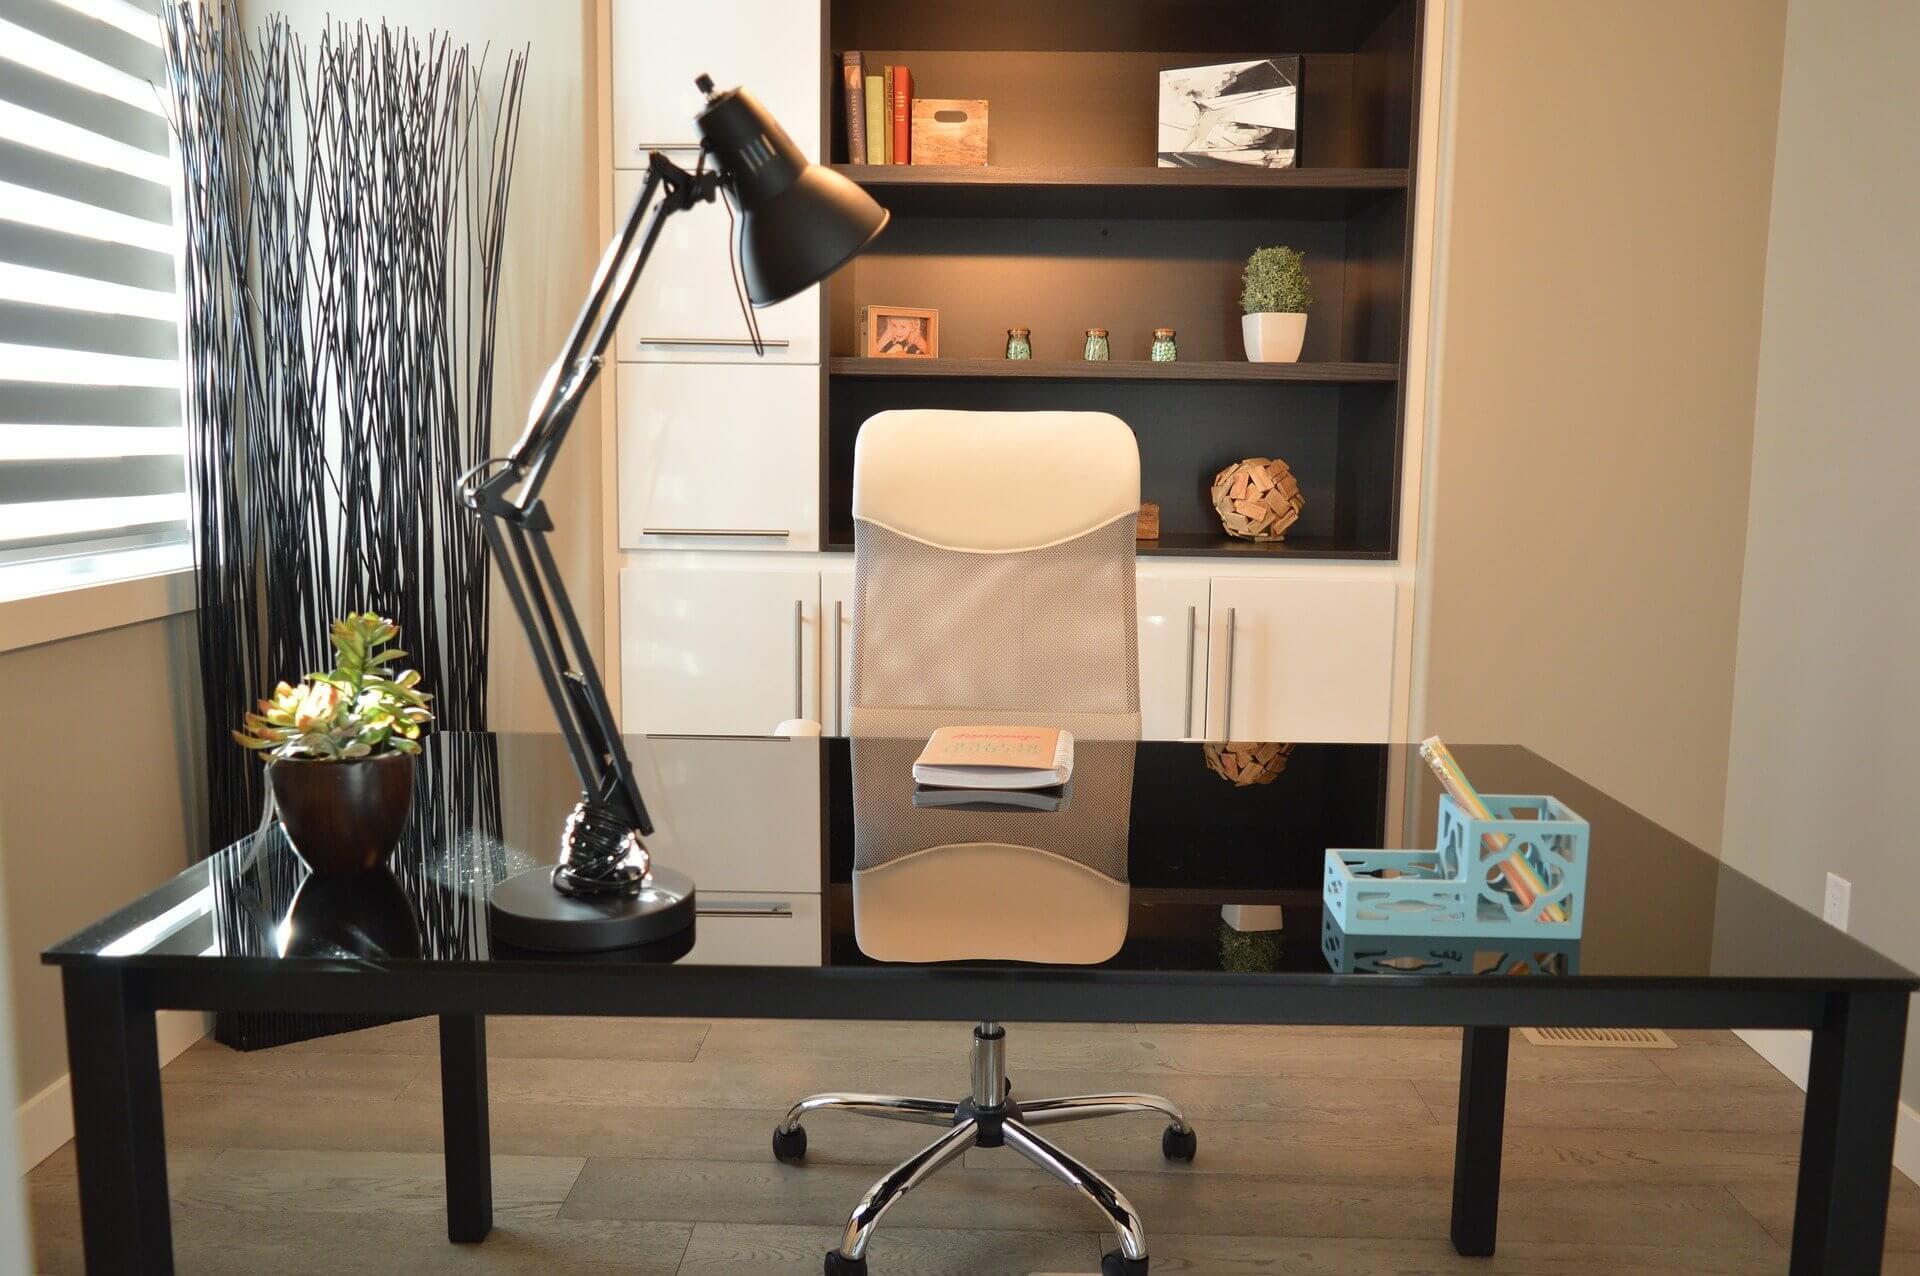 Jakie oświetlenie będzie najlepsze do domowego biura? Krótki poradnik i przegląd inspiracji